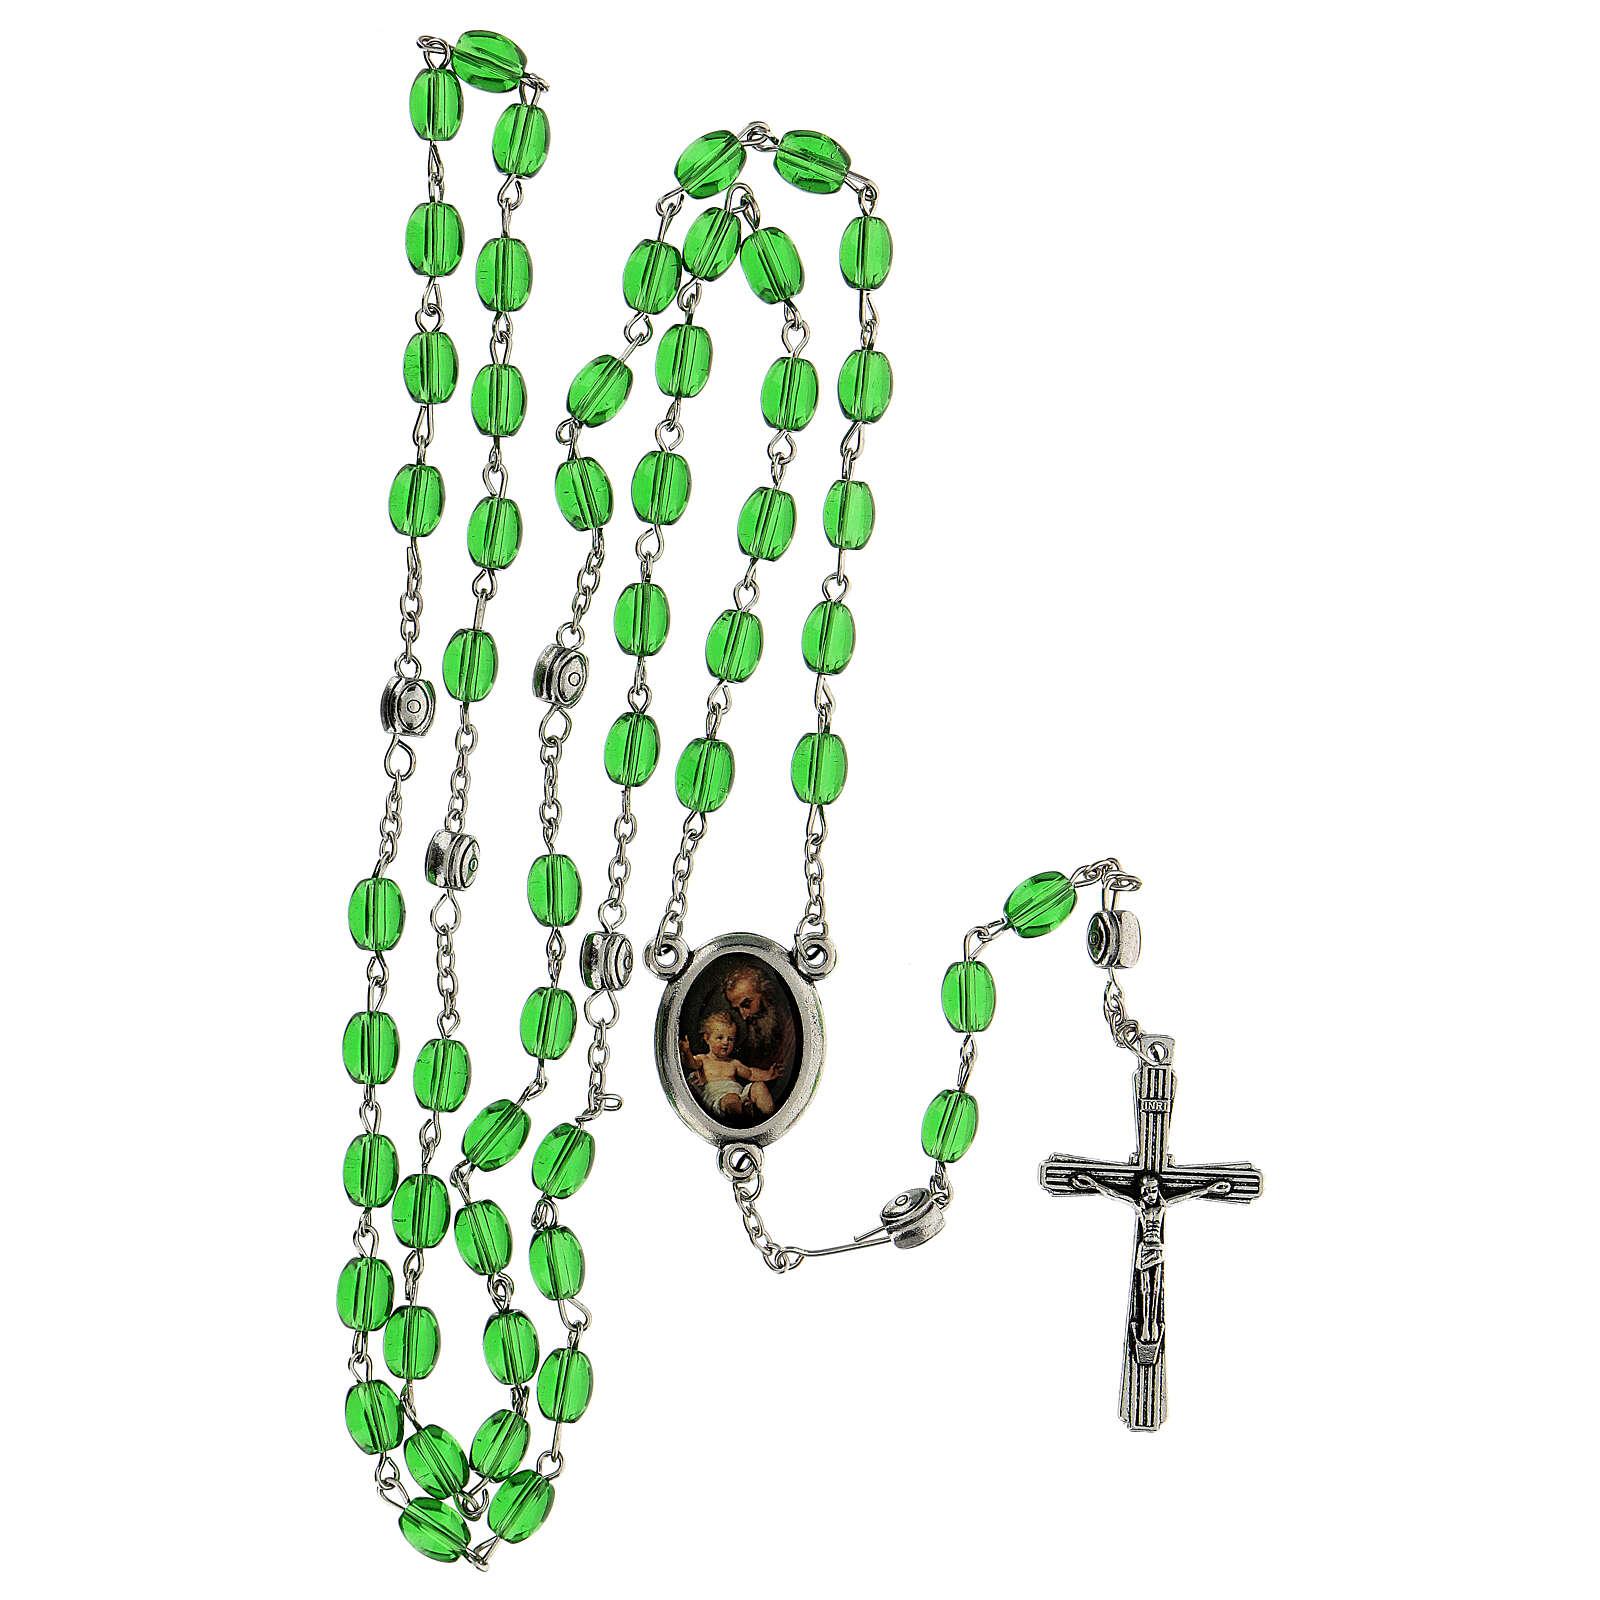 Rosenkranz von Sankt Josef mit gestreckten Perlen aus grűnem Glas (6 mm) - Kollektion Glaubenskronen 11/47 4